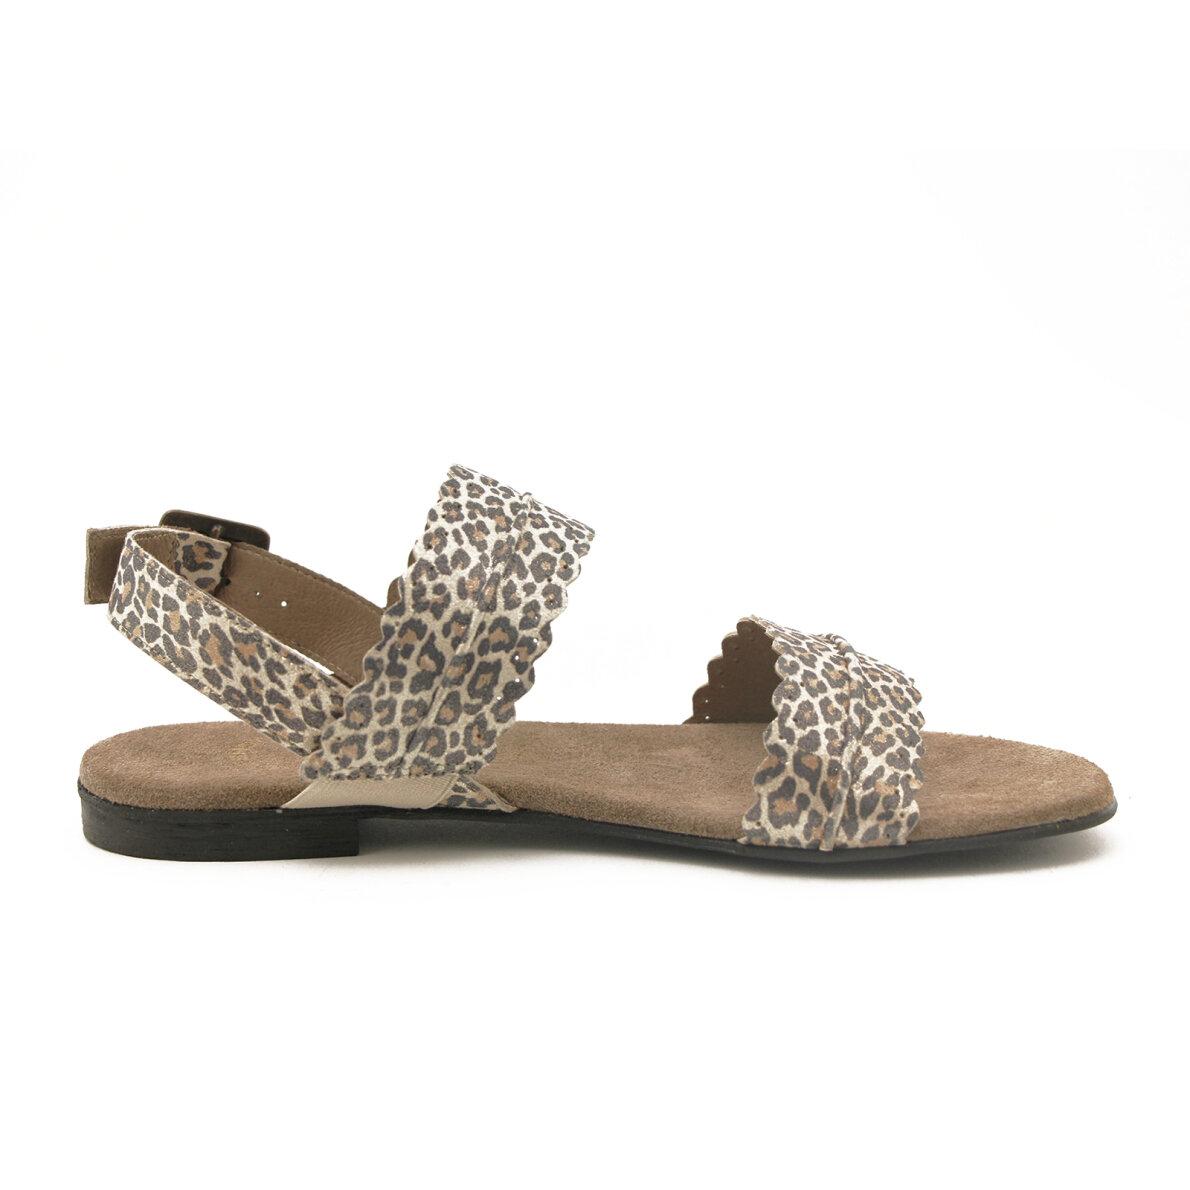 c3450641 ... Cashott - Cashott 19076 dame sandal med leopard print ...